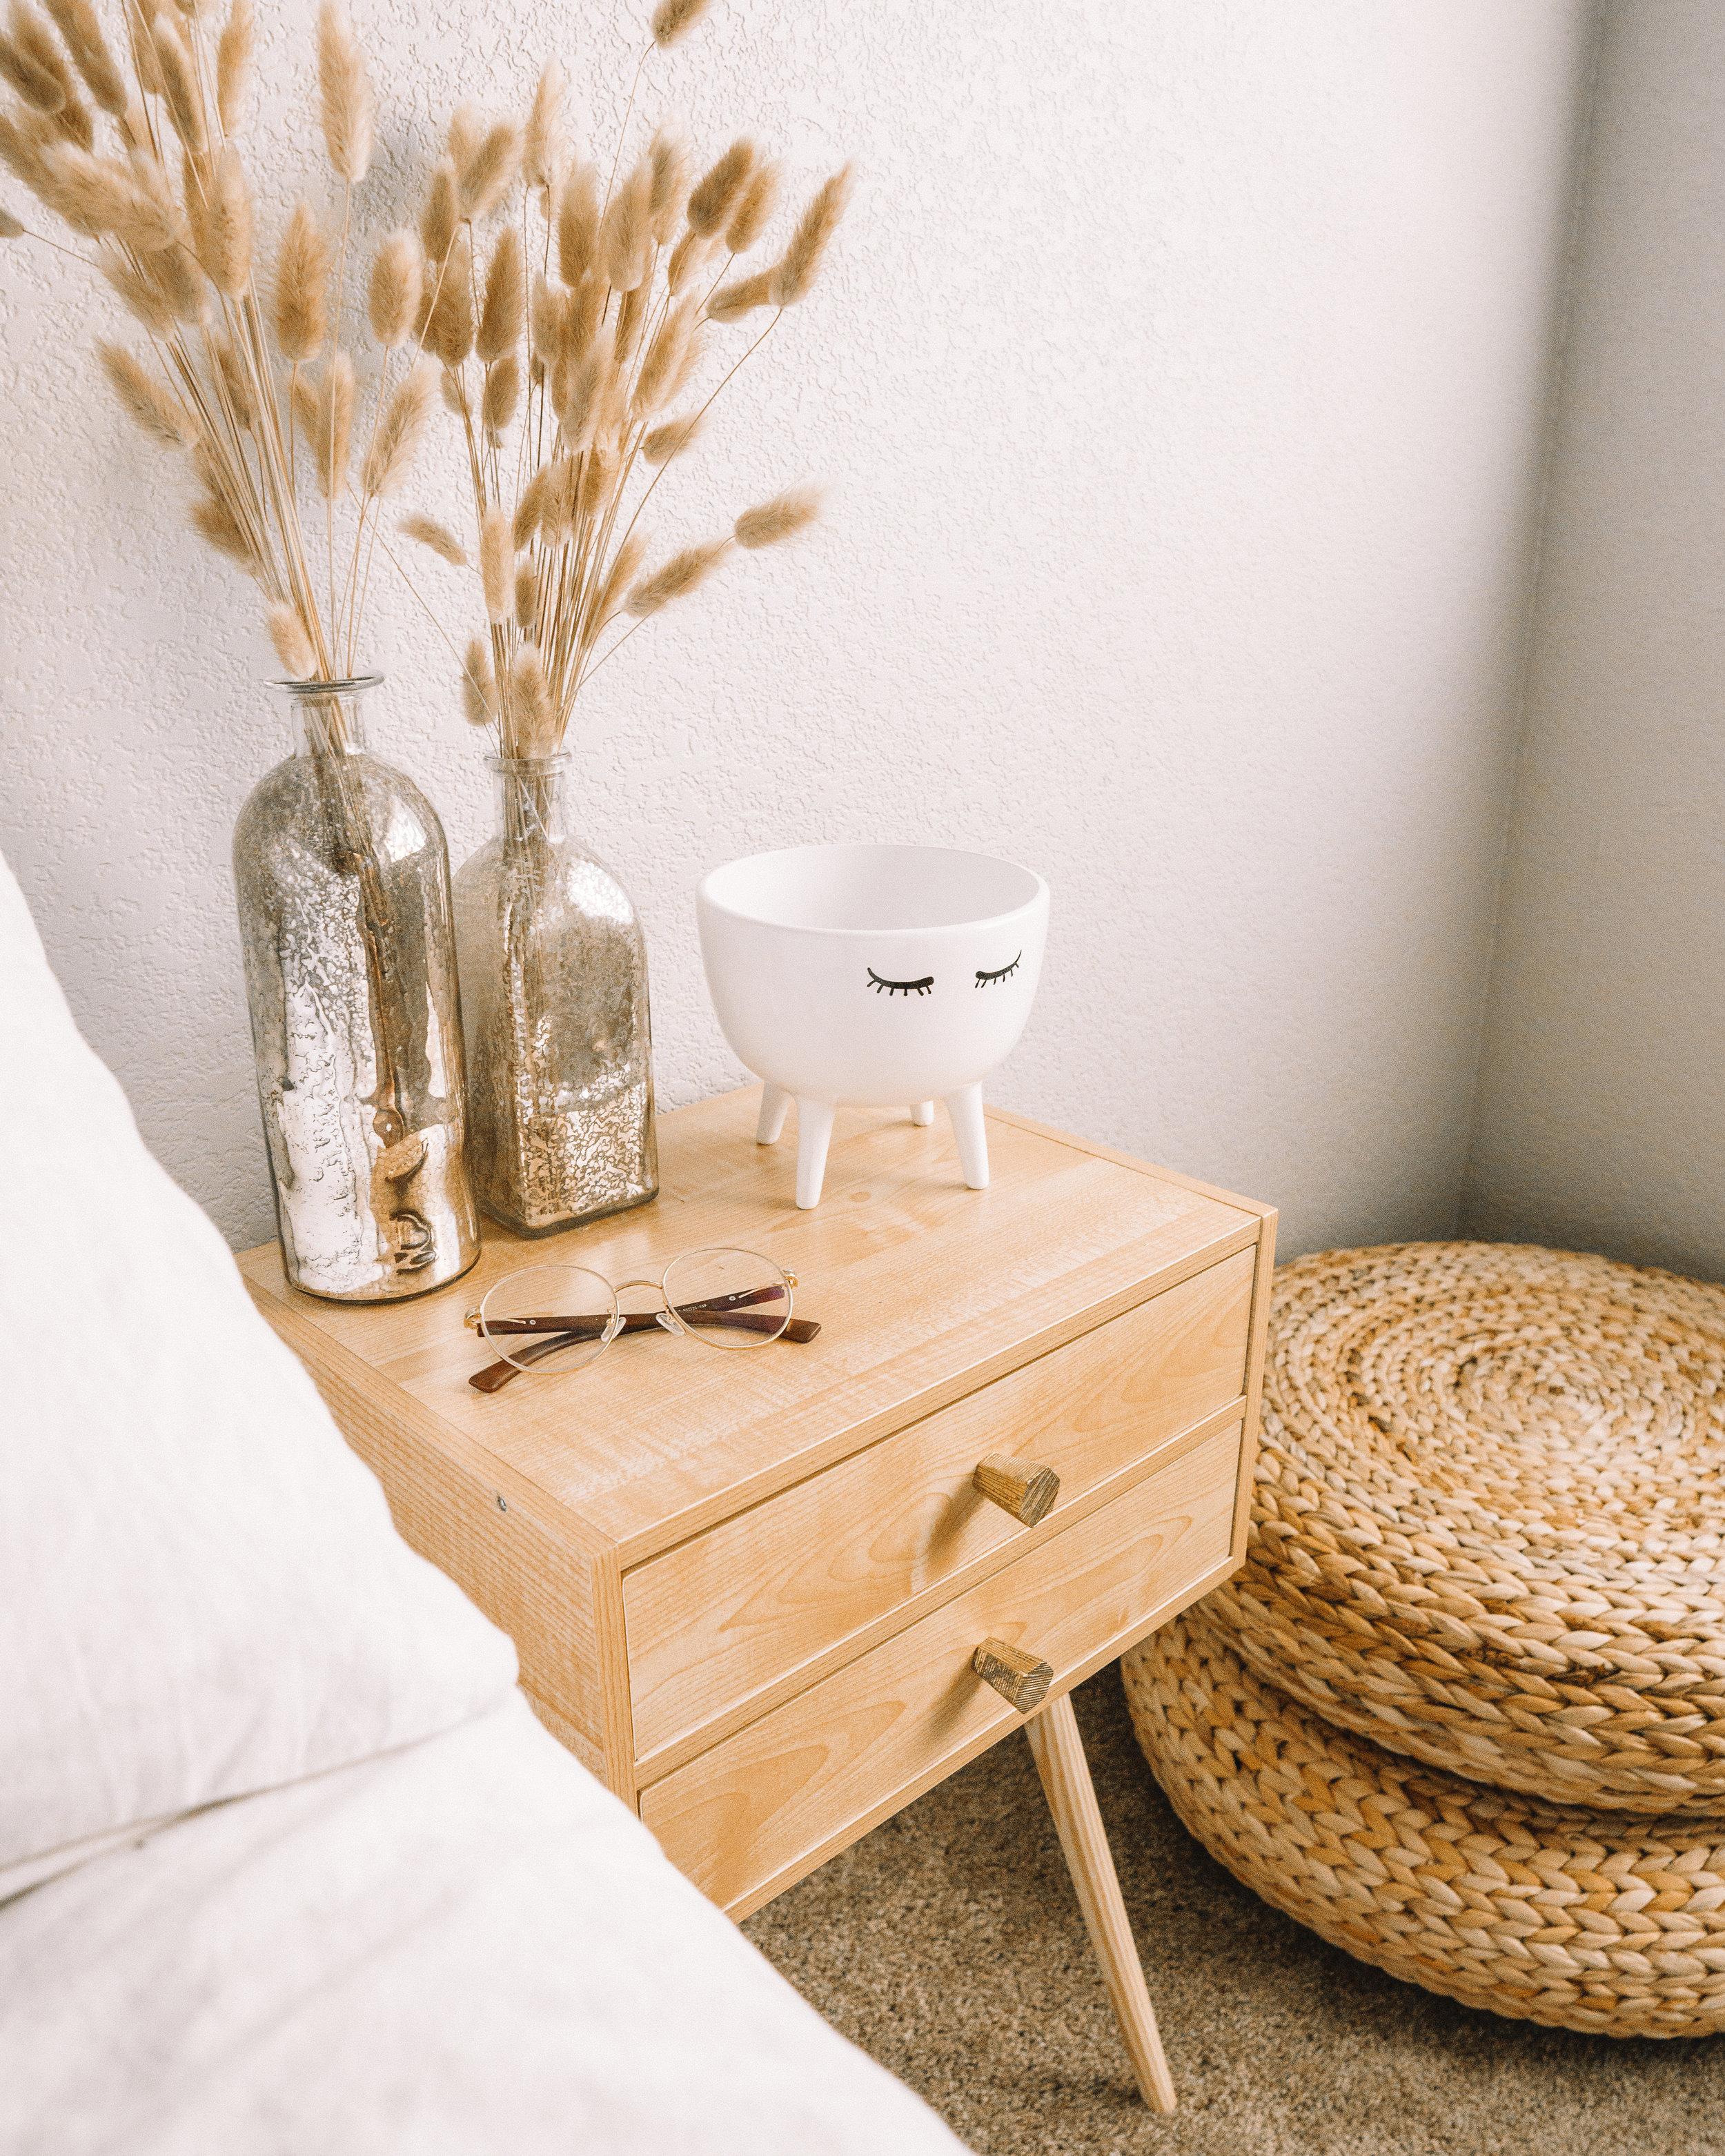 boho-bedroom-ideas-2019-4